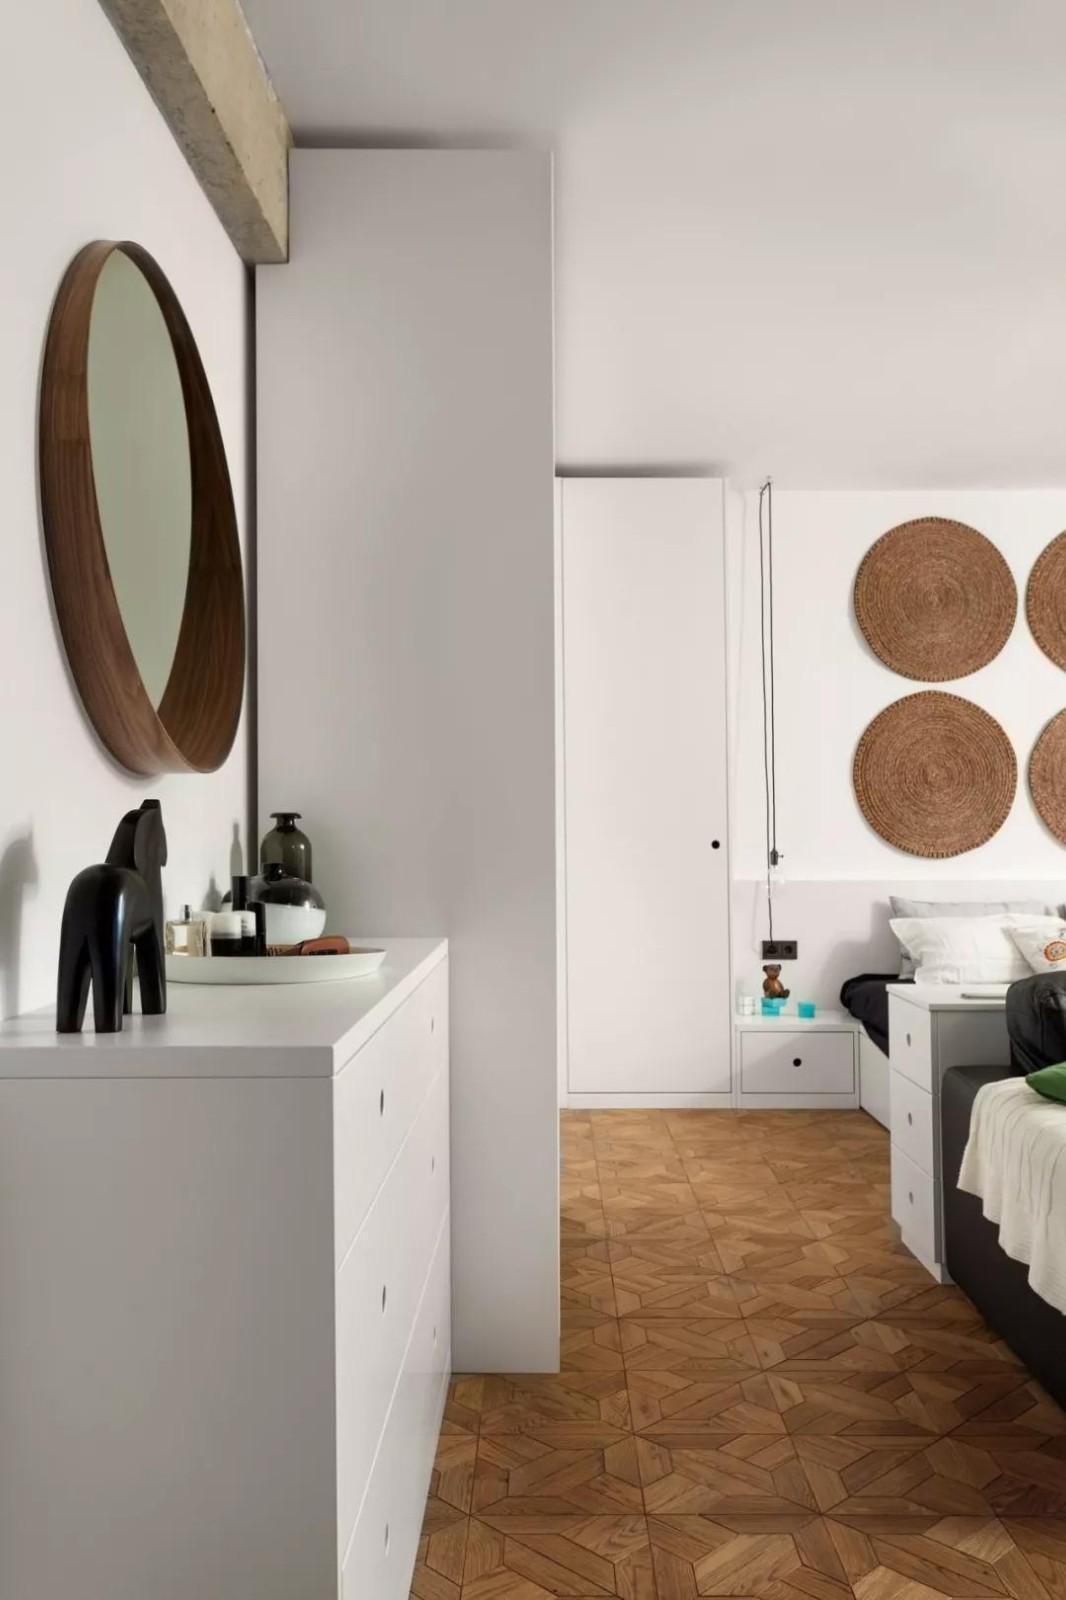 2021后现代卧室装修设计图片 2021后现代梳妆台装修设计